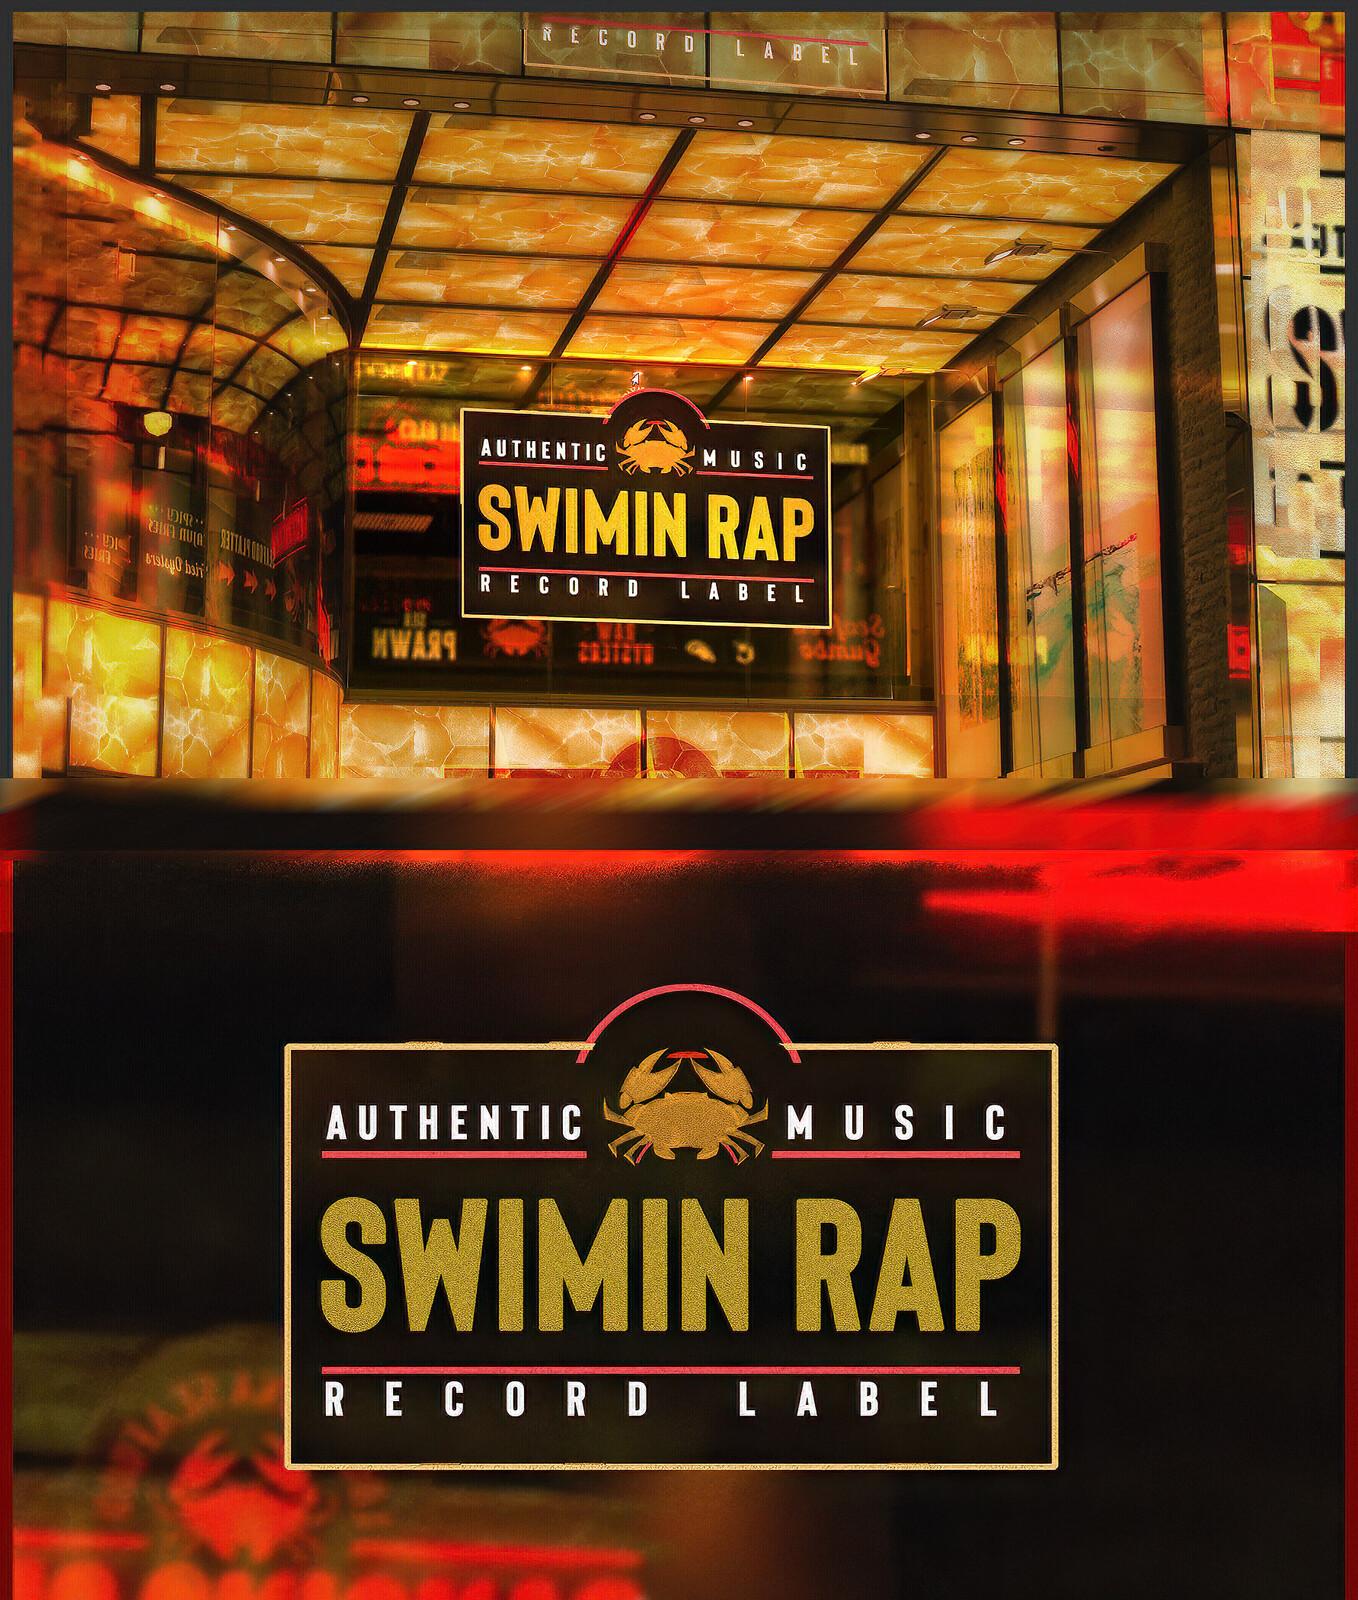 SWIMIN RAP (GTA.U)